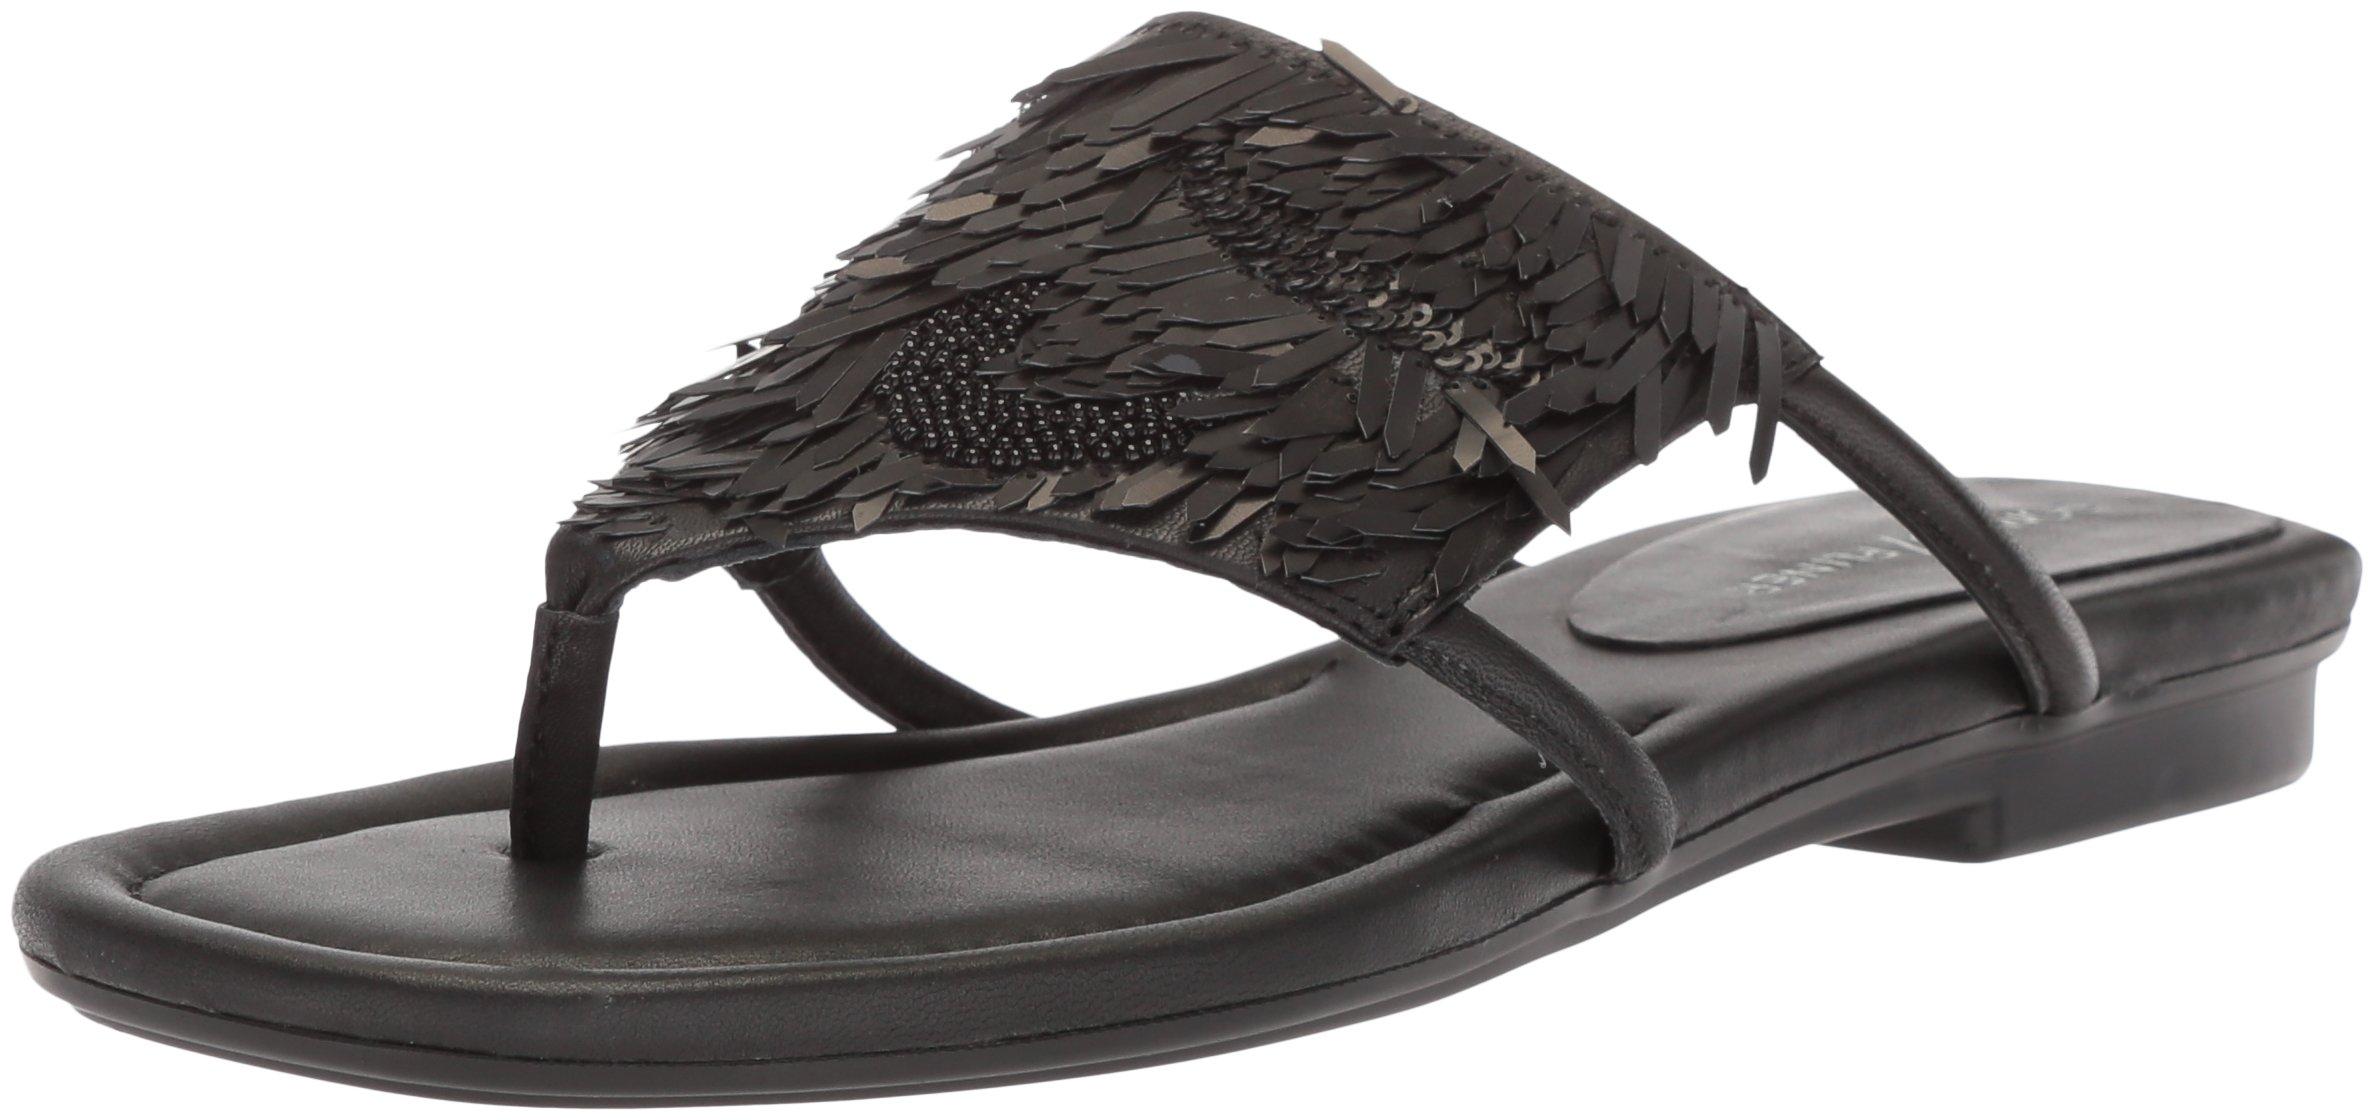 Donald J Pliner Women's Kya Slide Sandal, Black, 10 Medium US